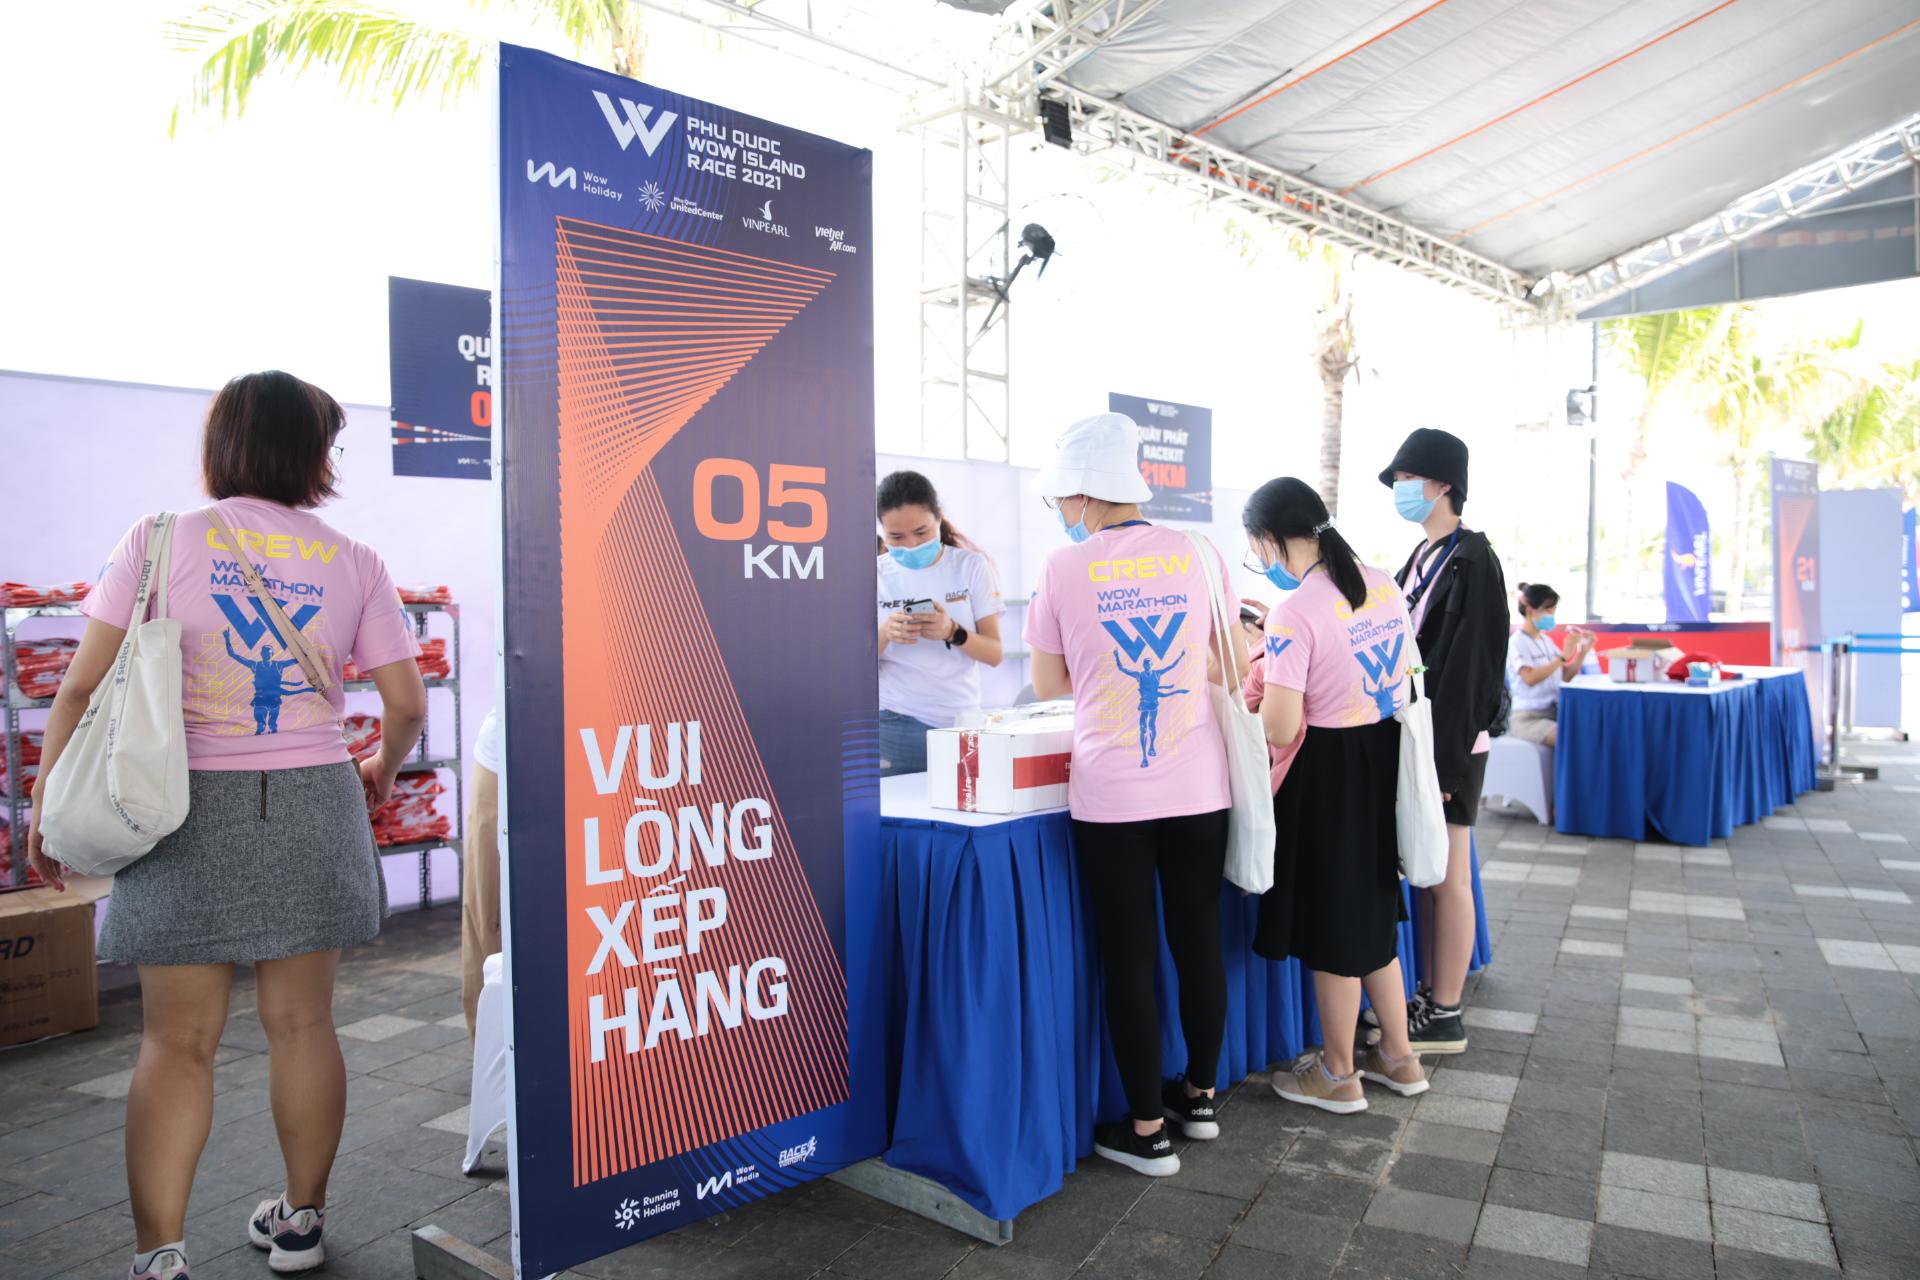 Giải chạy Phú Quốc WOW Island Race 2021 khởi động với hơn 2000 vận động viên tham dự - Ảnh 2.